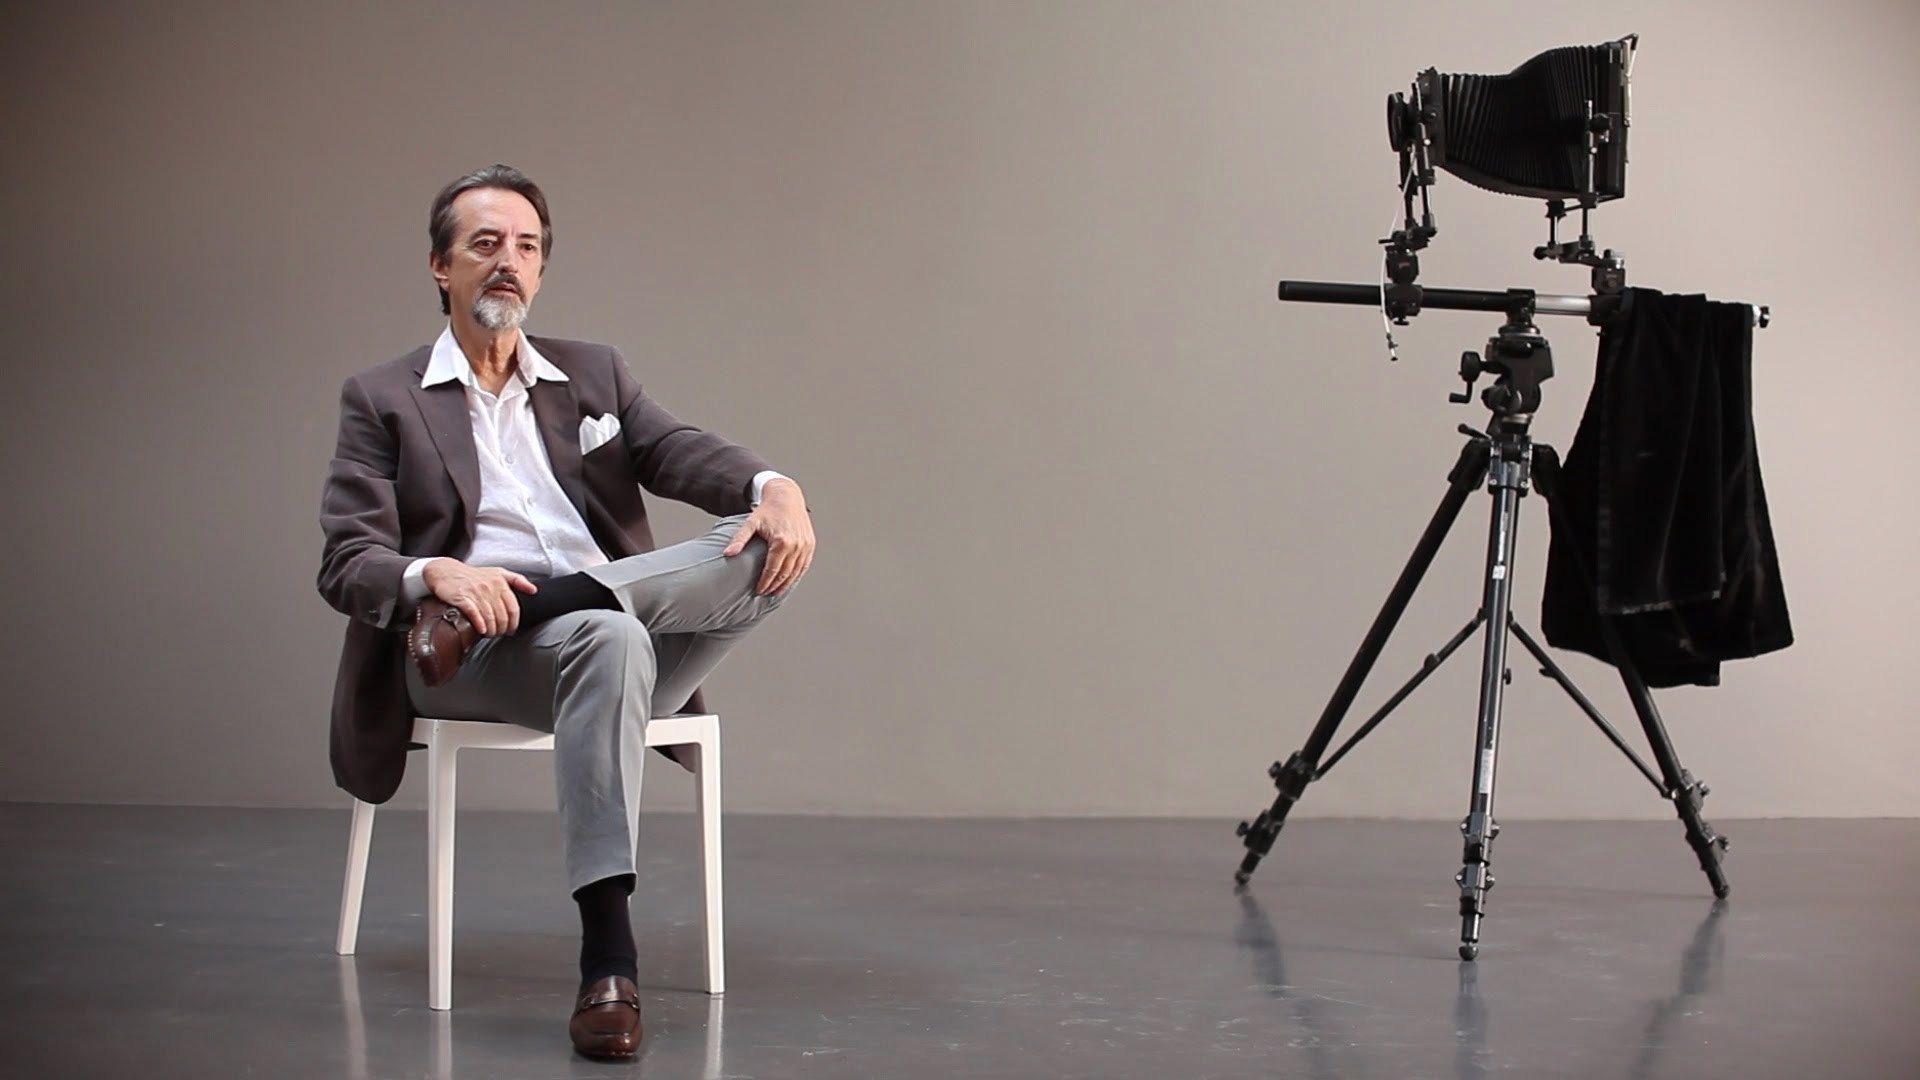 Mostra fotografica Giovanni Gastel: anteprima di un appuntamento con l'Arte